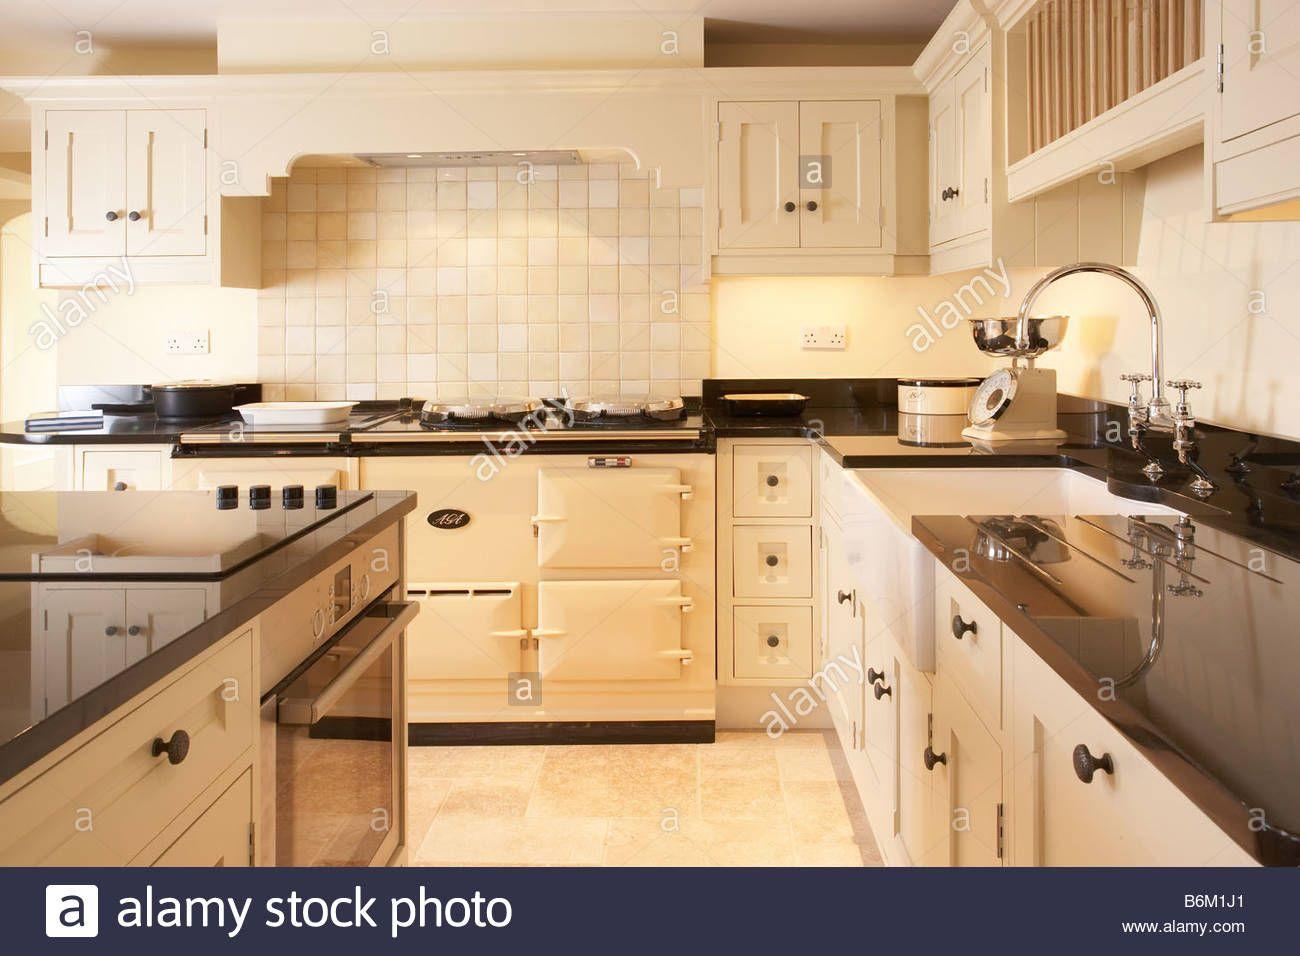 Beste Creme Shaker Küche Designs Bilder - Küche Set Ideen ...